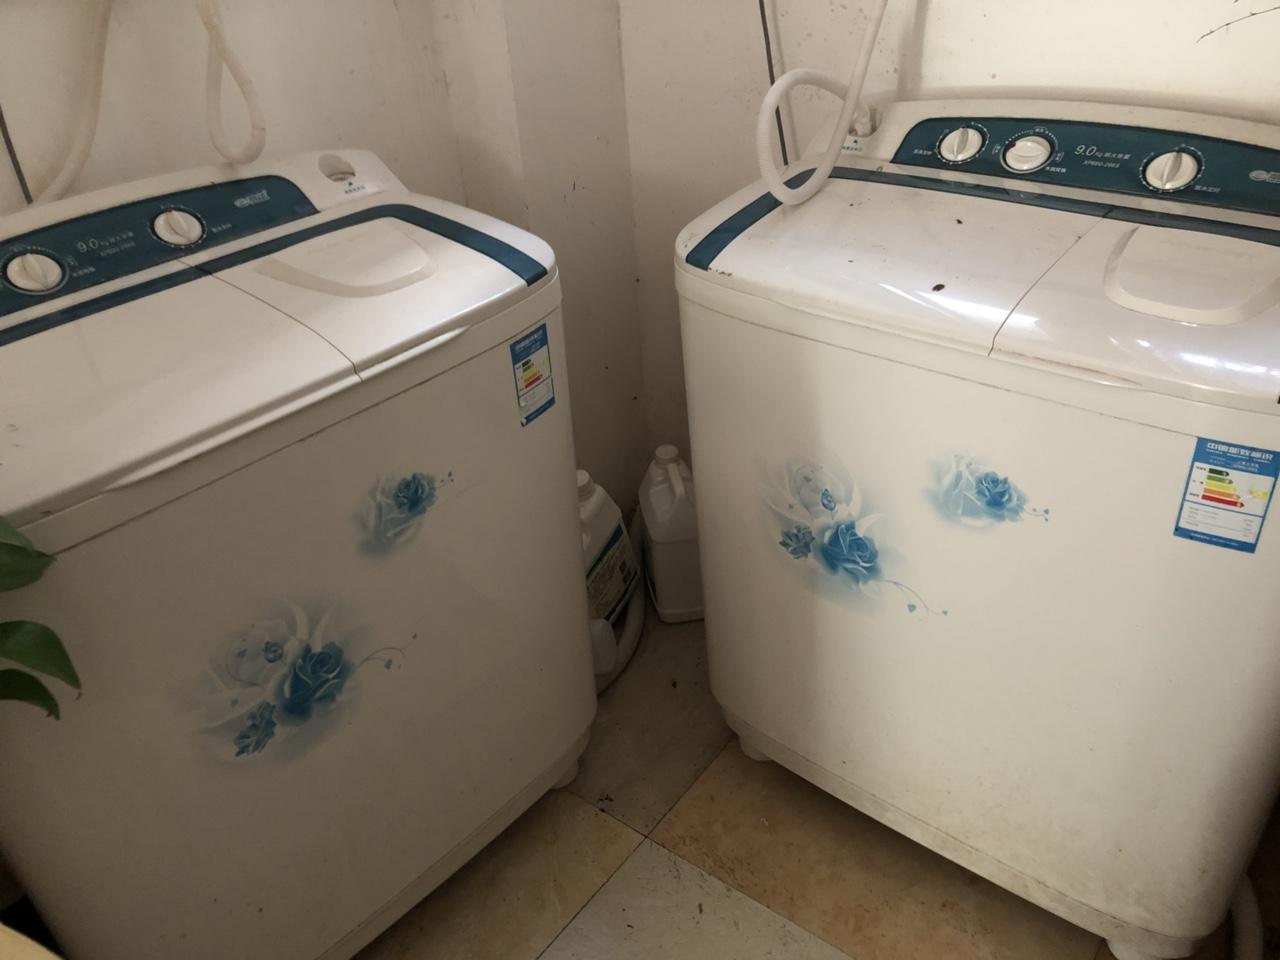 店鋪不做了,半自動洗衣機,吧臺便宜處理了